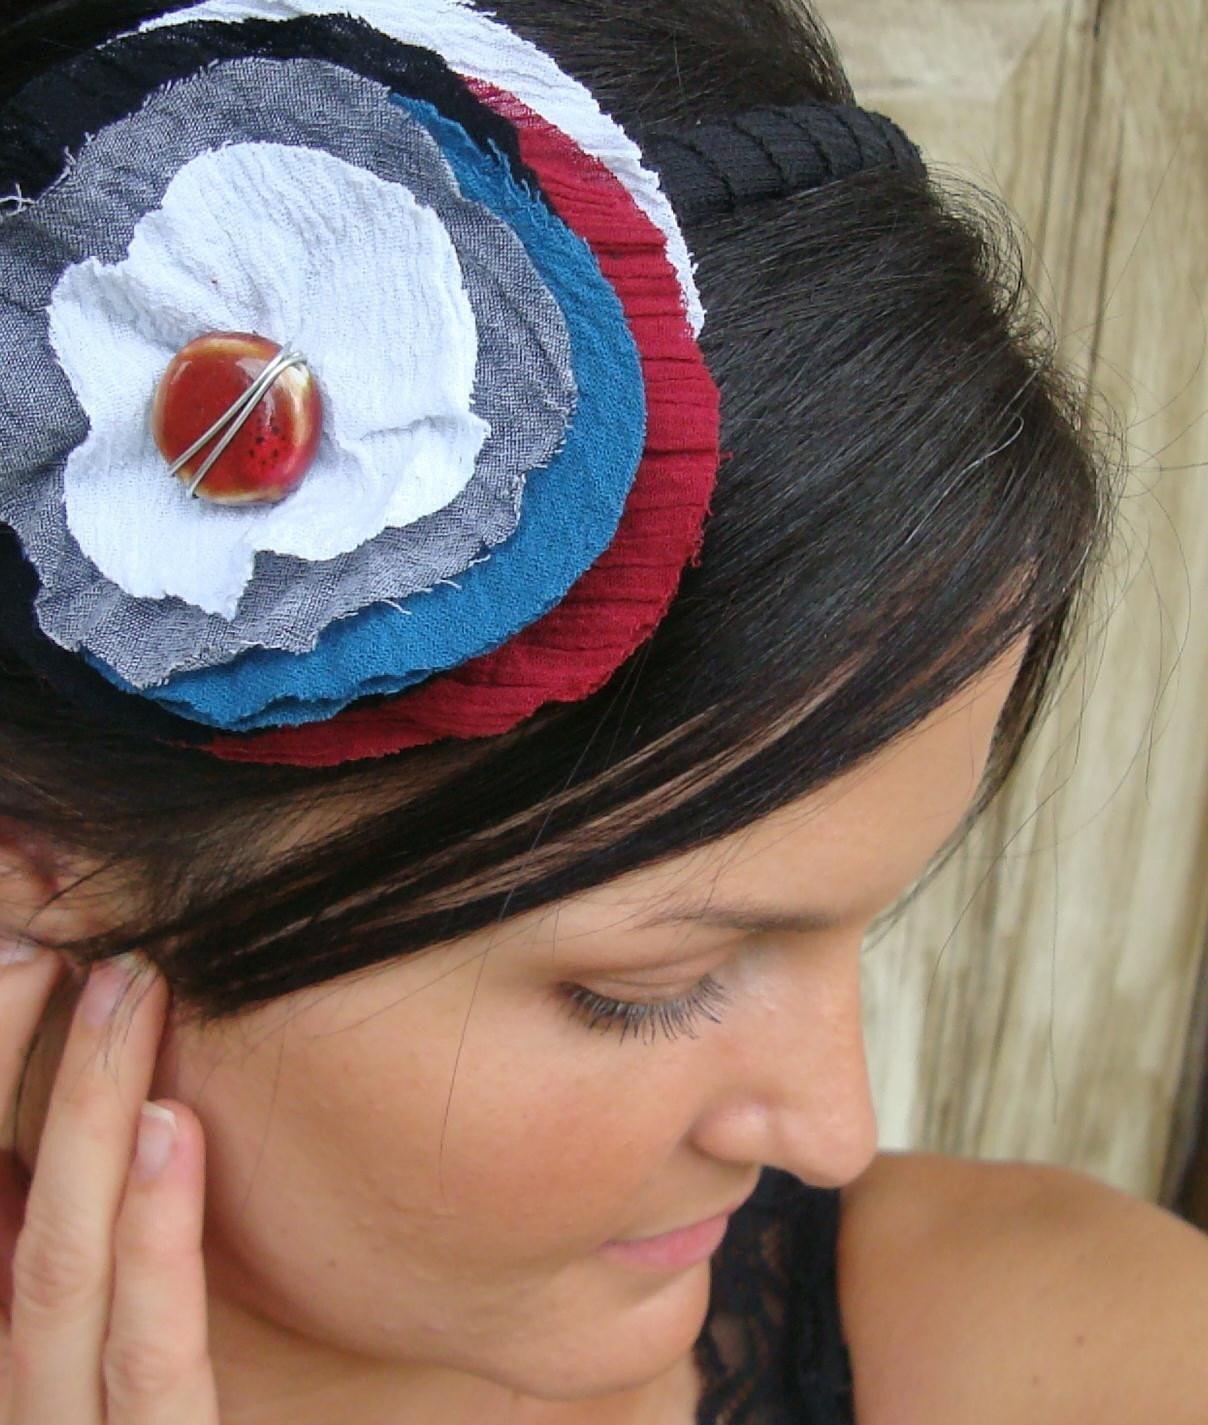 ESKI CIRLE HEADBAND RED WHITE AND BLUE